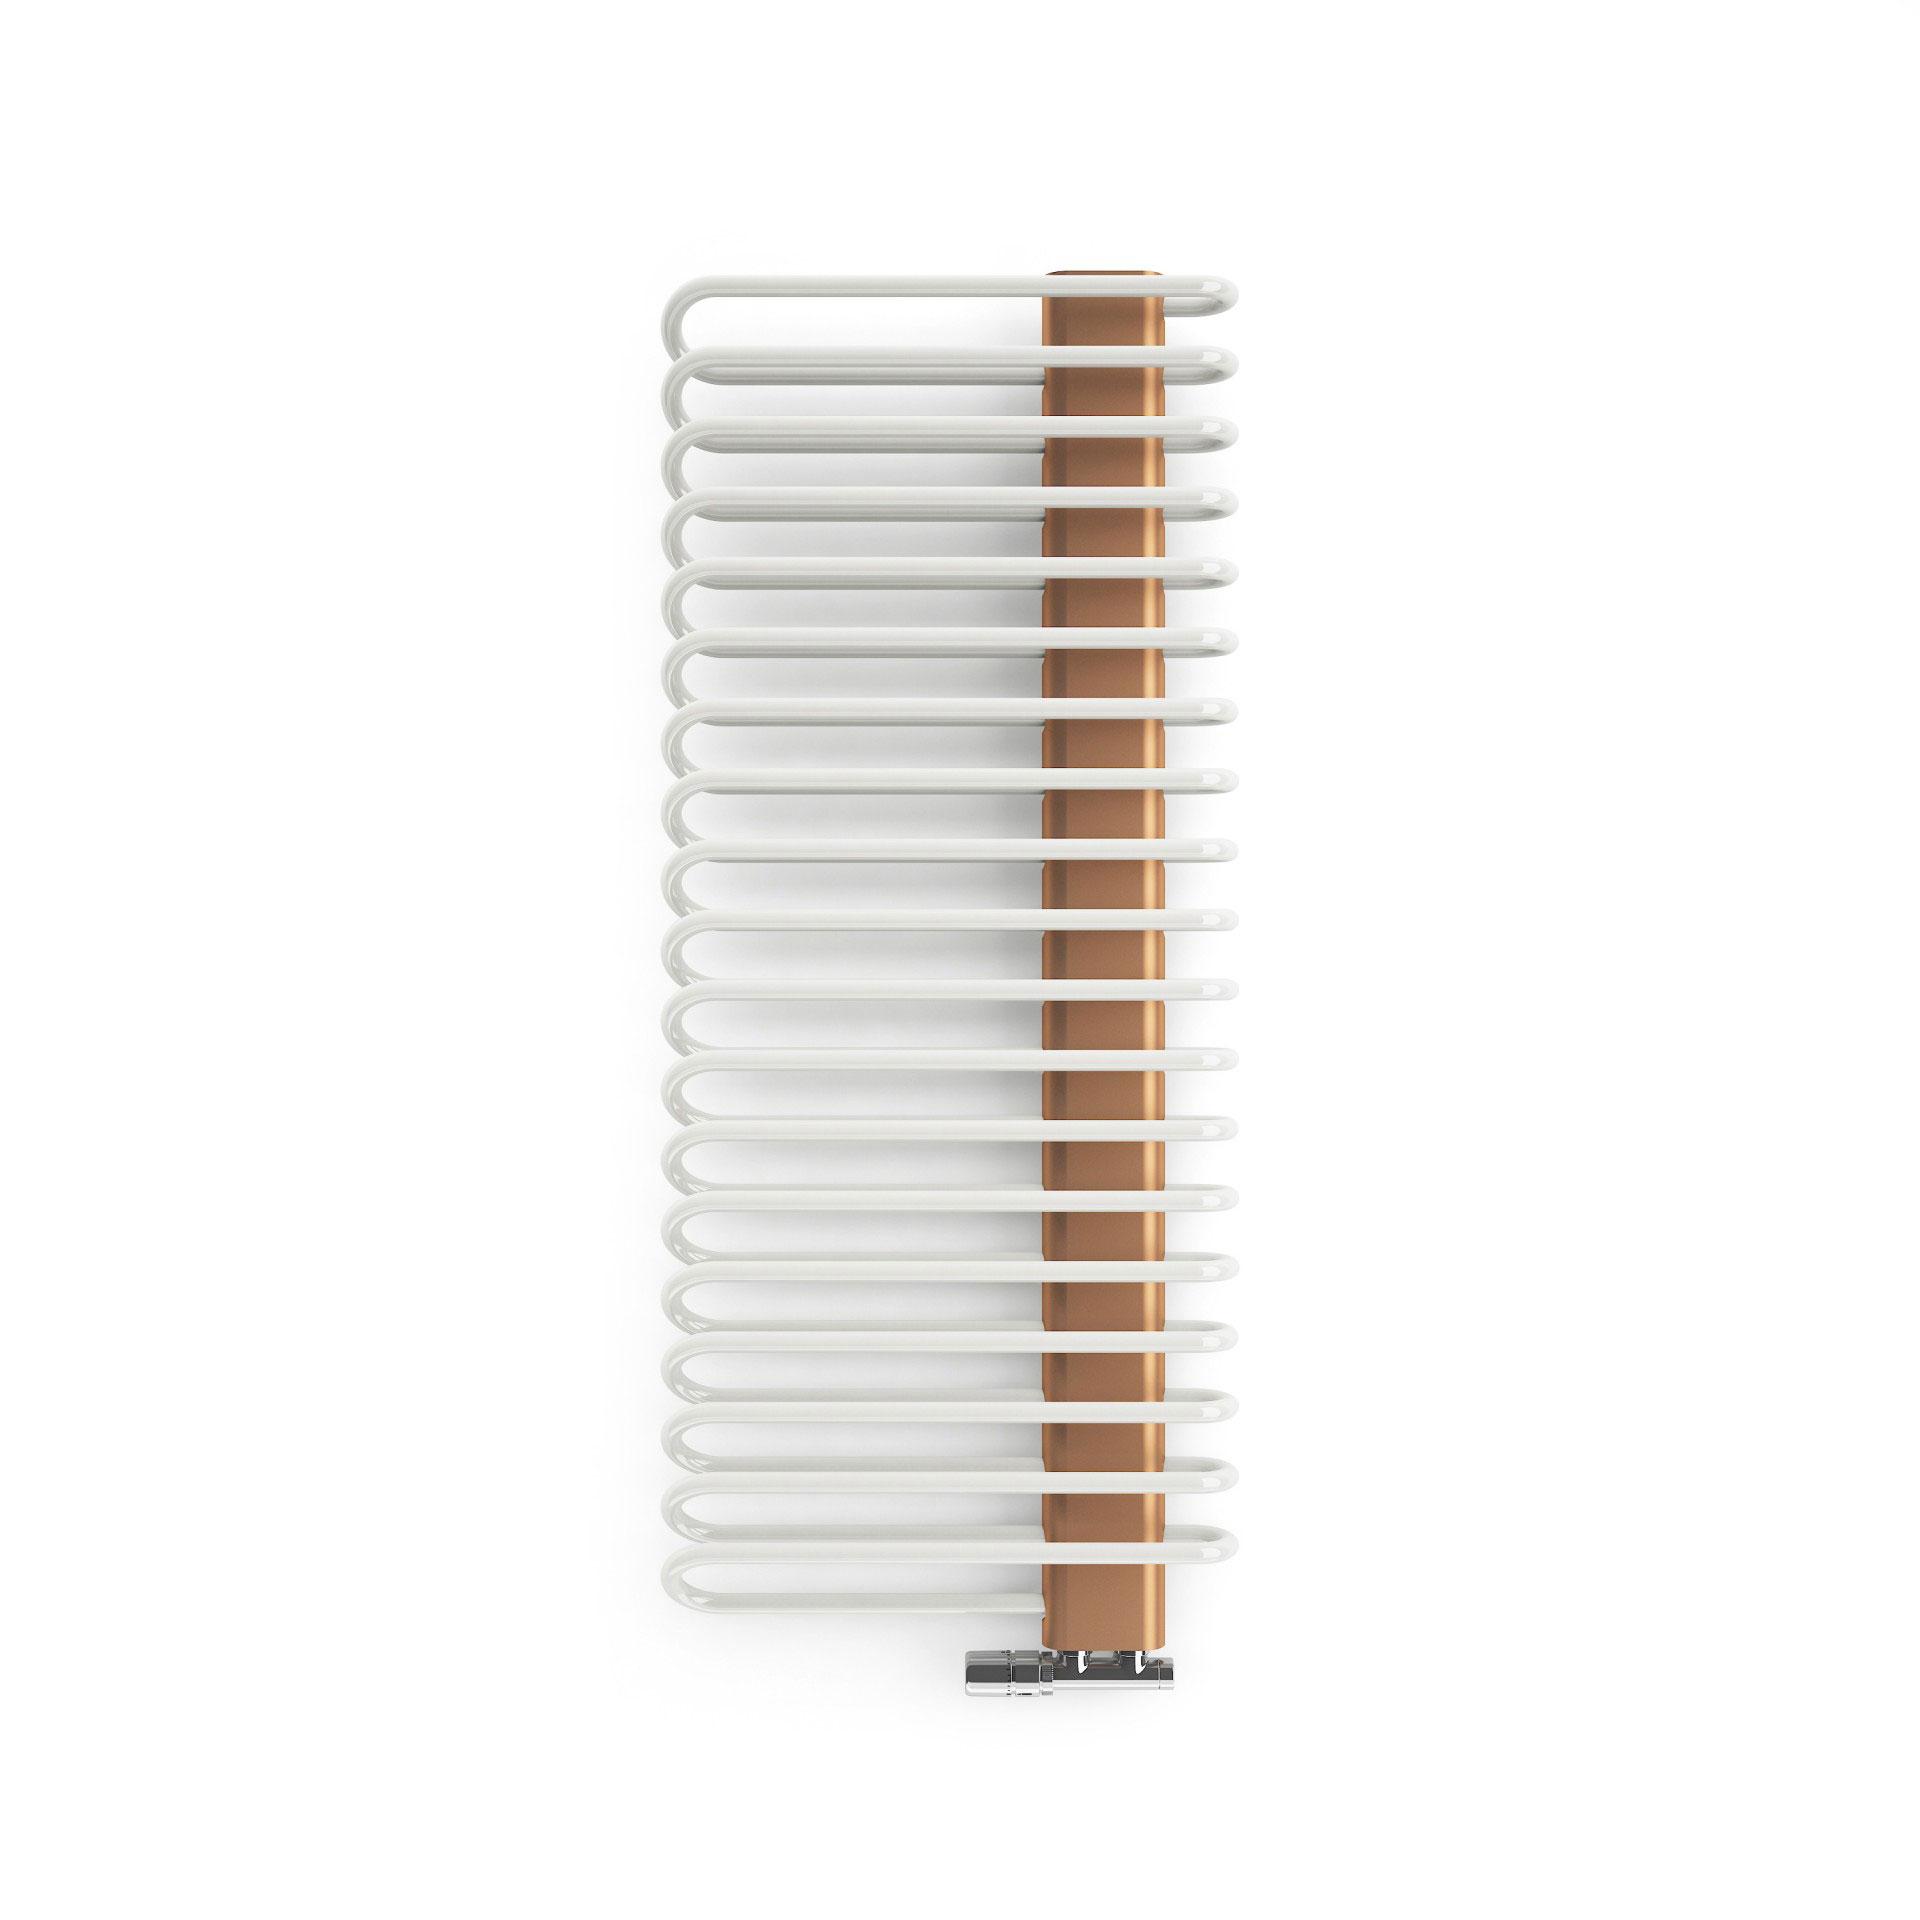 Kolor: RAL 9010 / Copper